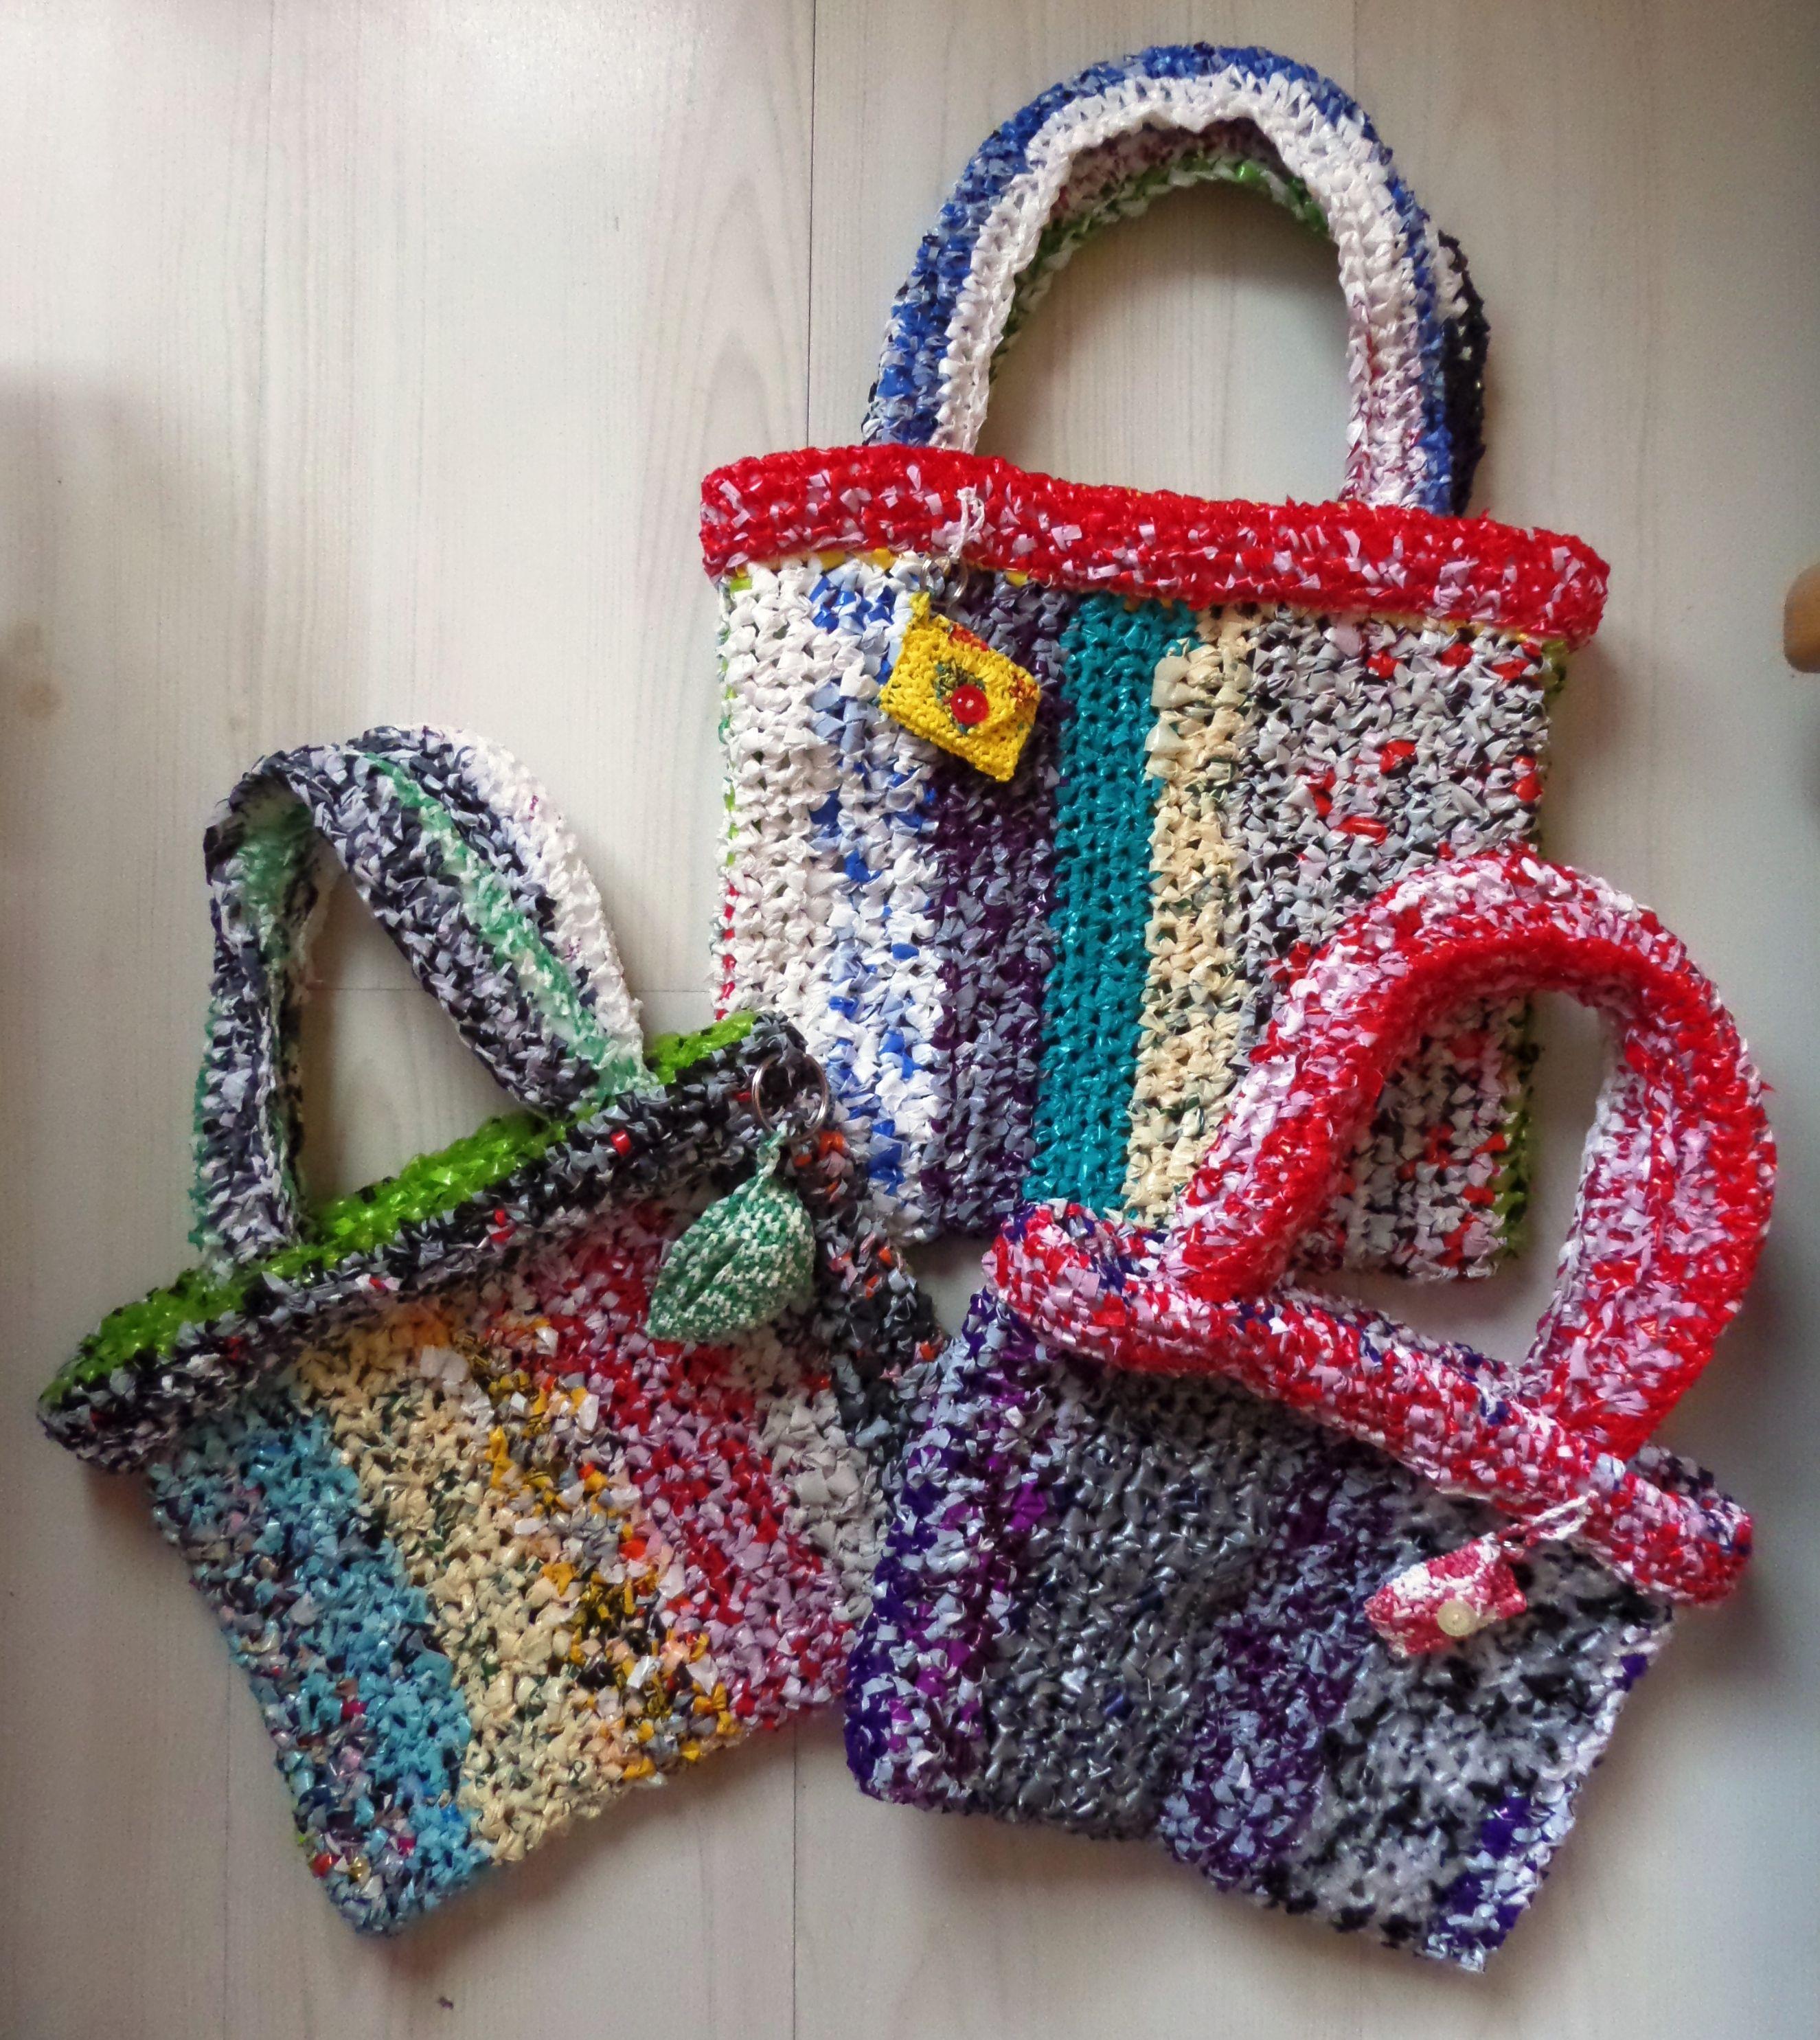 Tasjes Gehaakt Van Plastic Even Recycling TassenWel Een 2DWEIH9Y